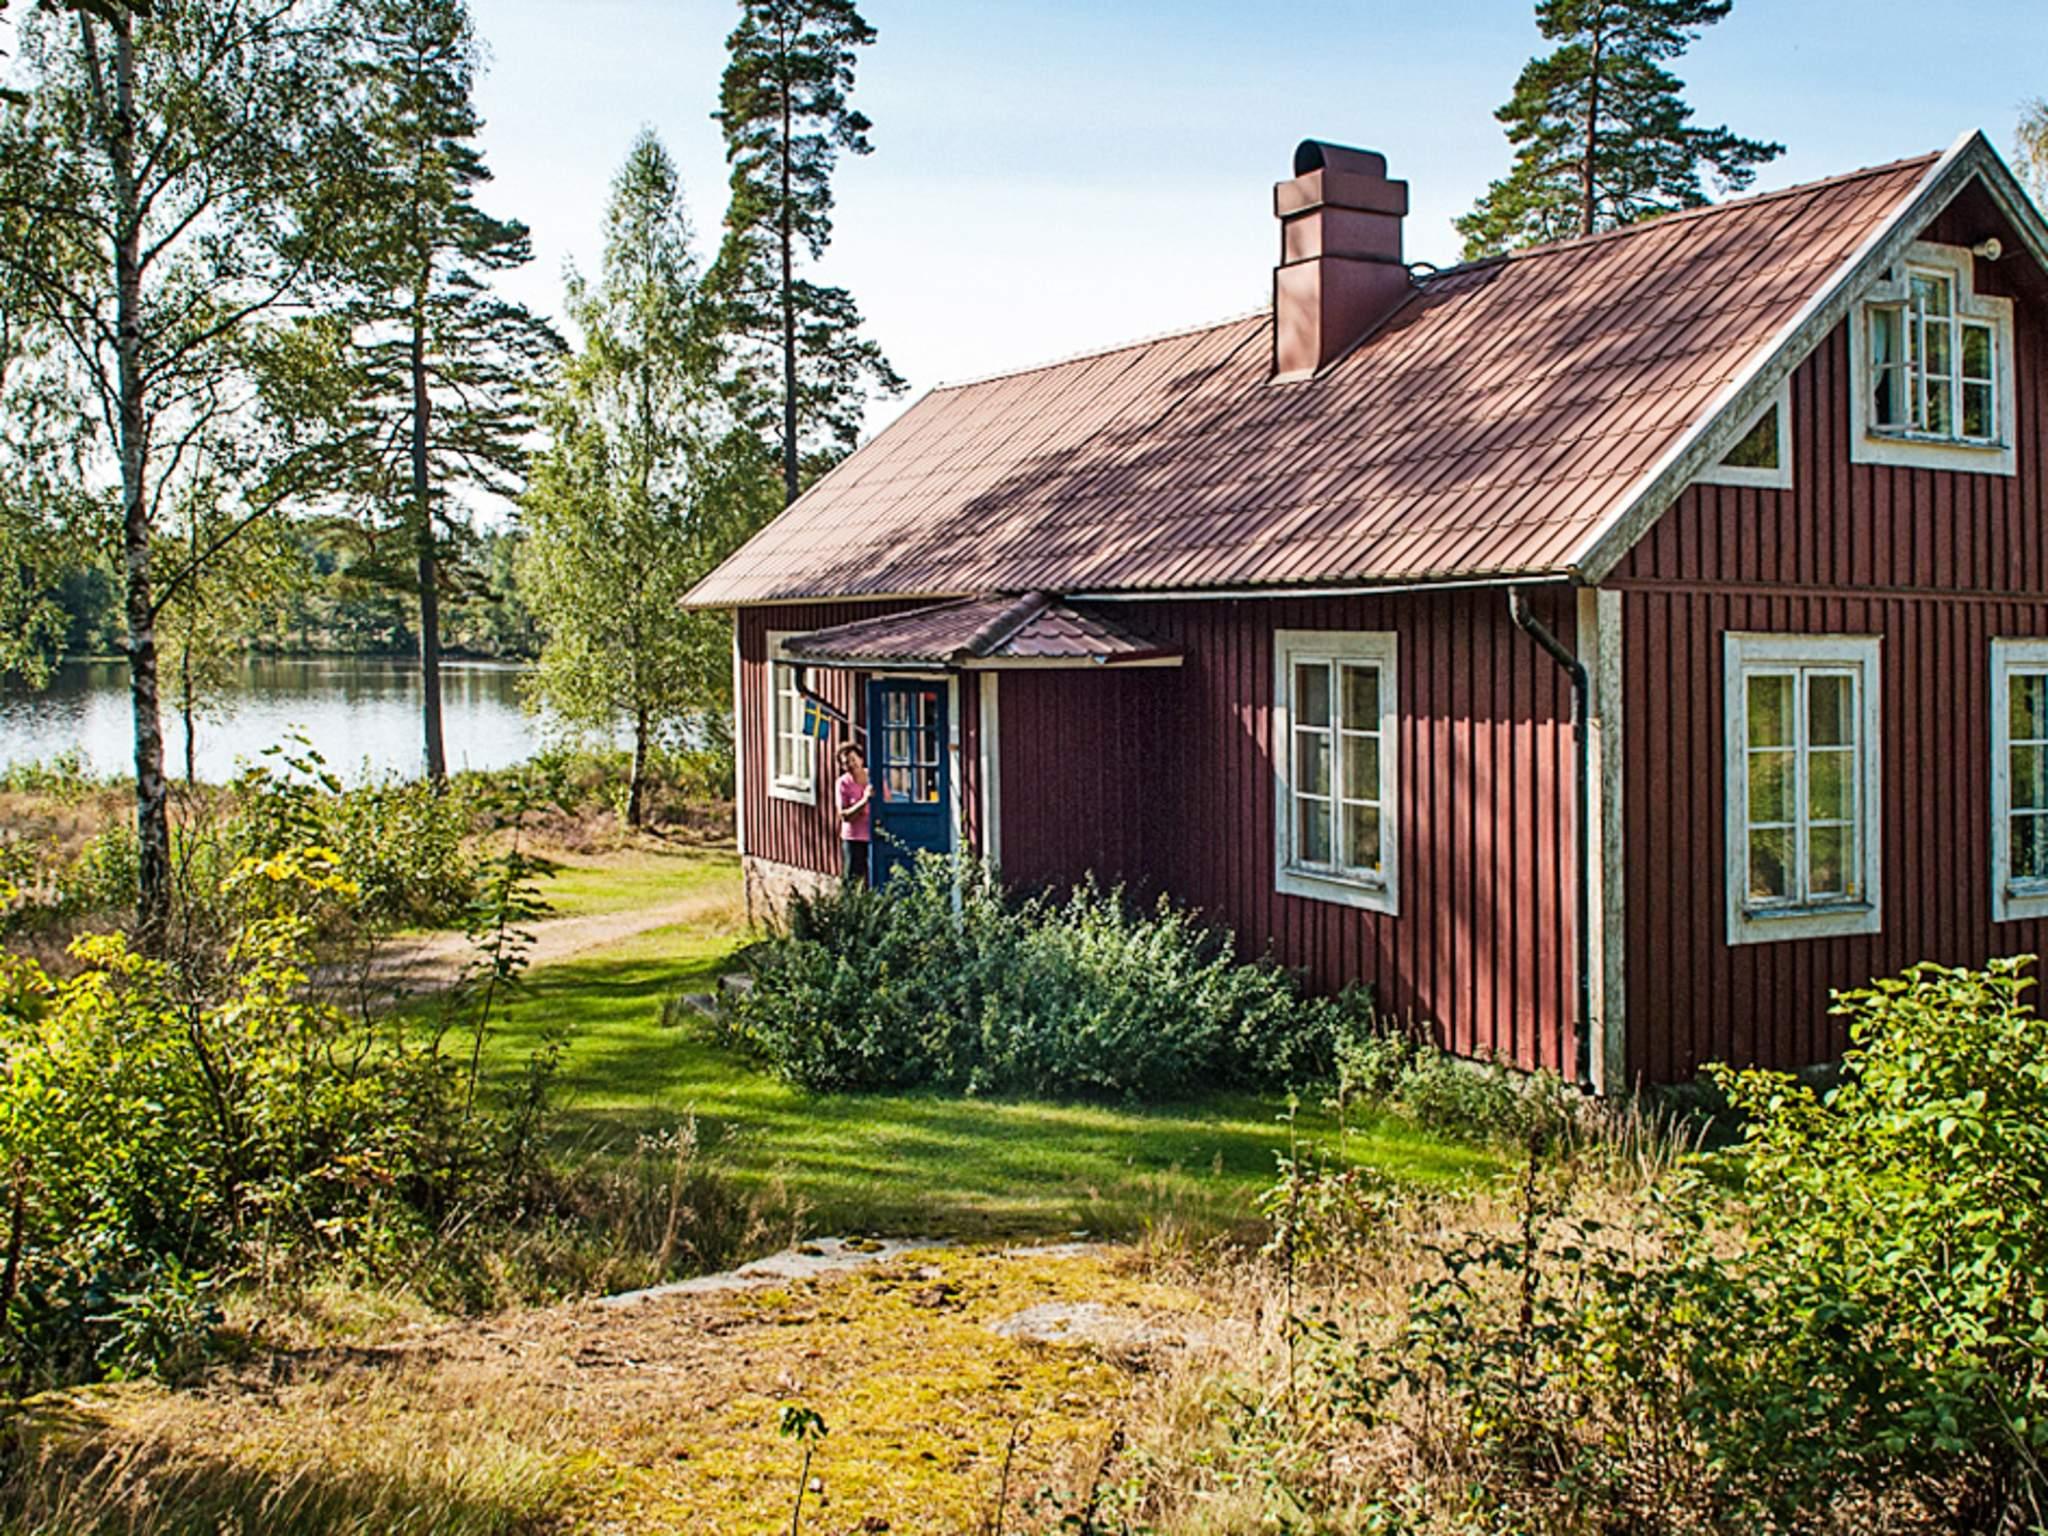 Ferienhaus Tving (135628), Tving, Blekinge län, Südschweden, Schweden, Bild 14